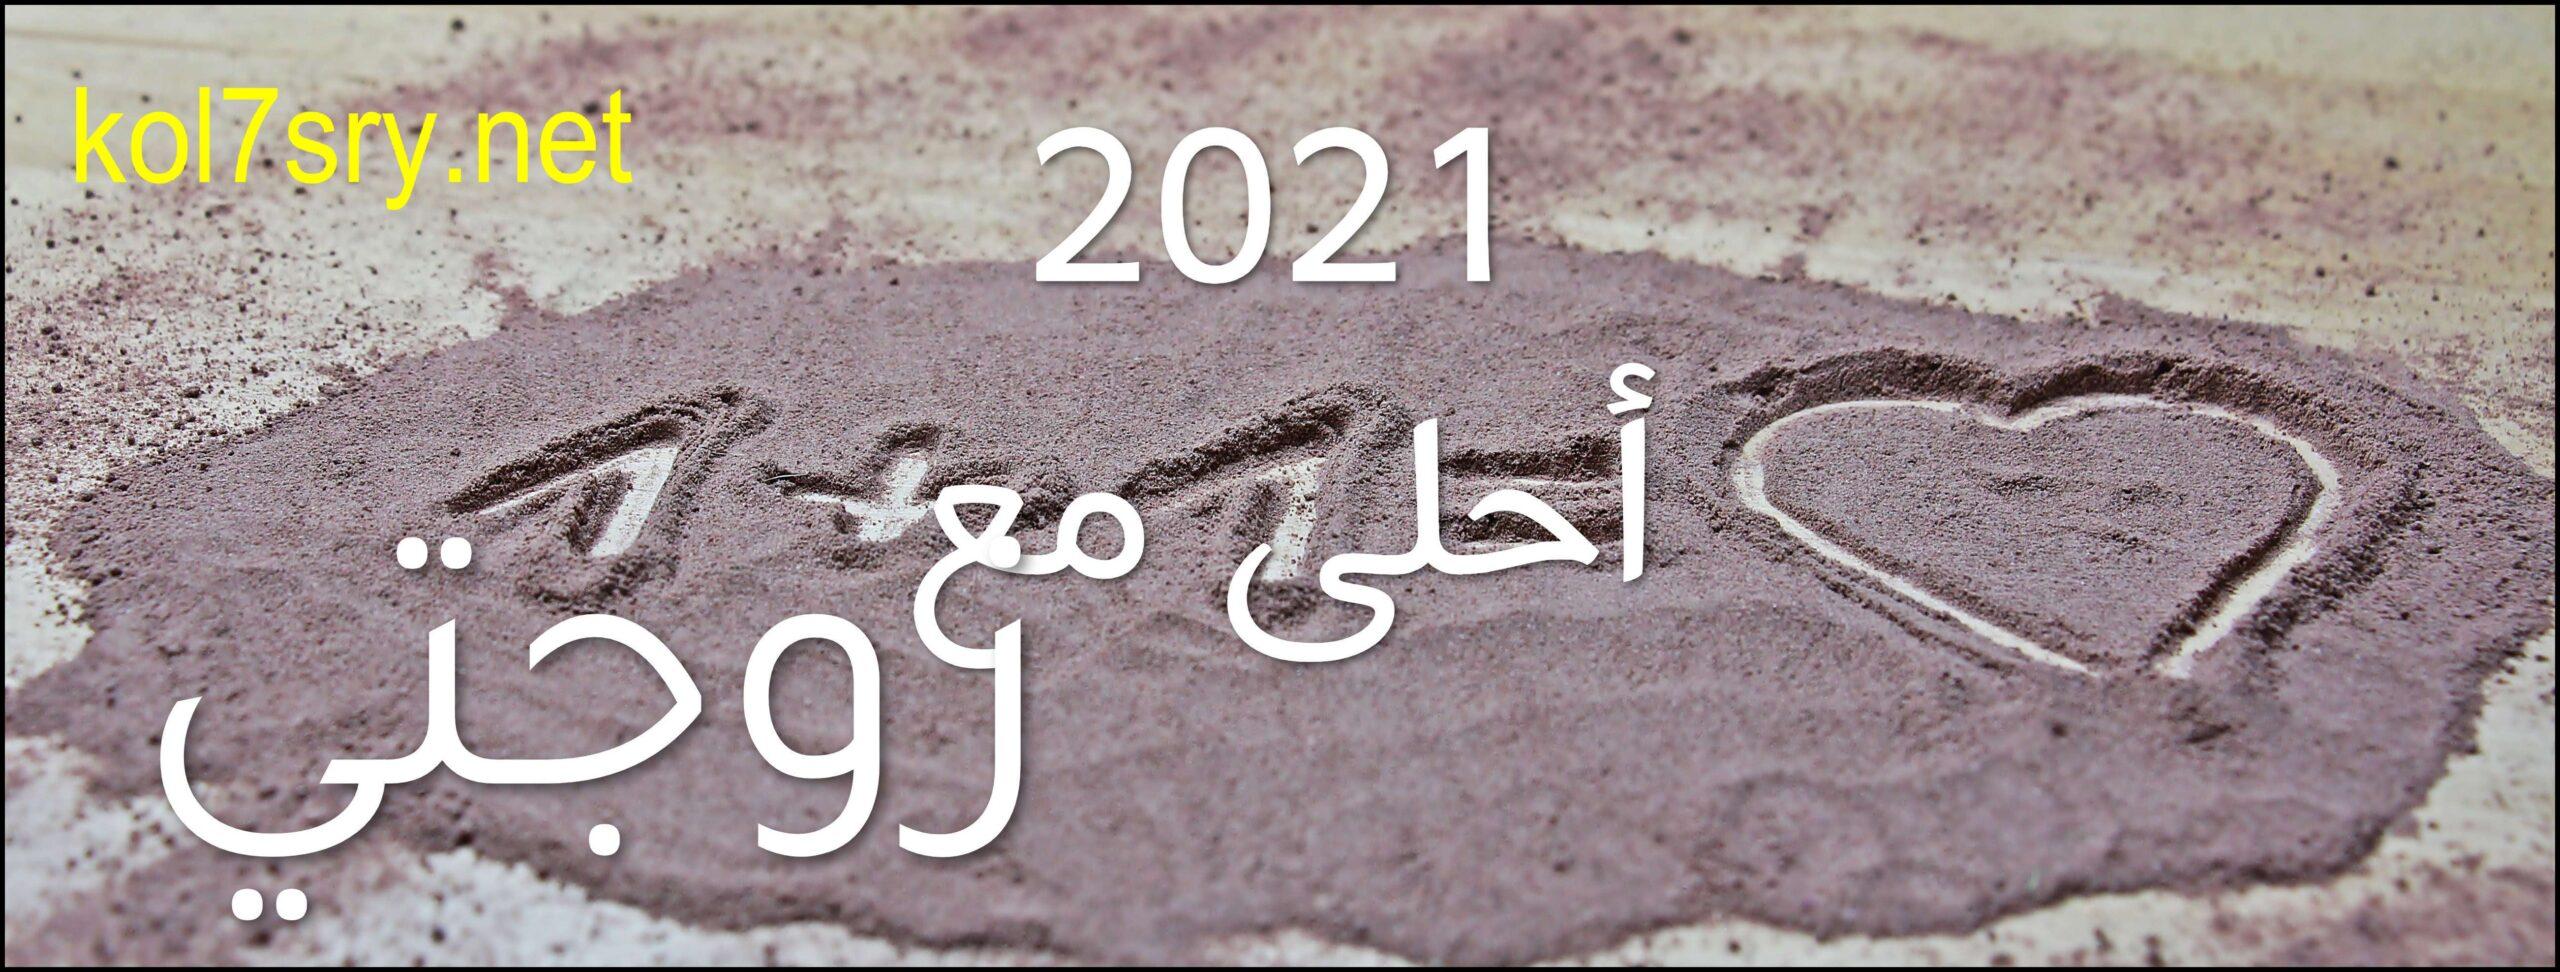 2021 أحلى مع اسمك أجمل 40 صورة HD لعام 2021 احلى مع مجانا اطلب التصميم بالتعليقات 23